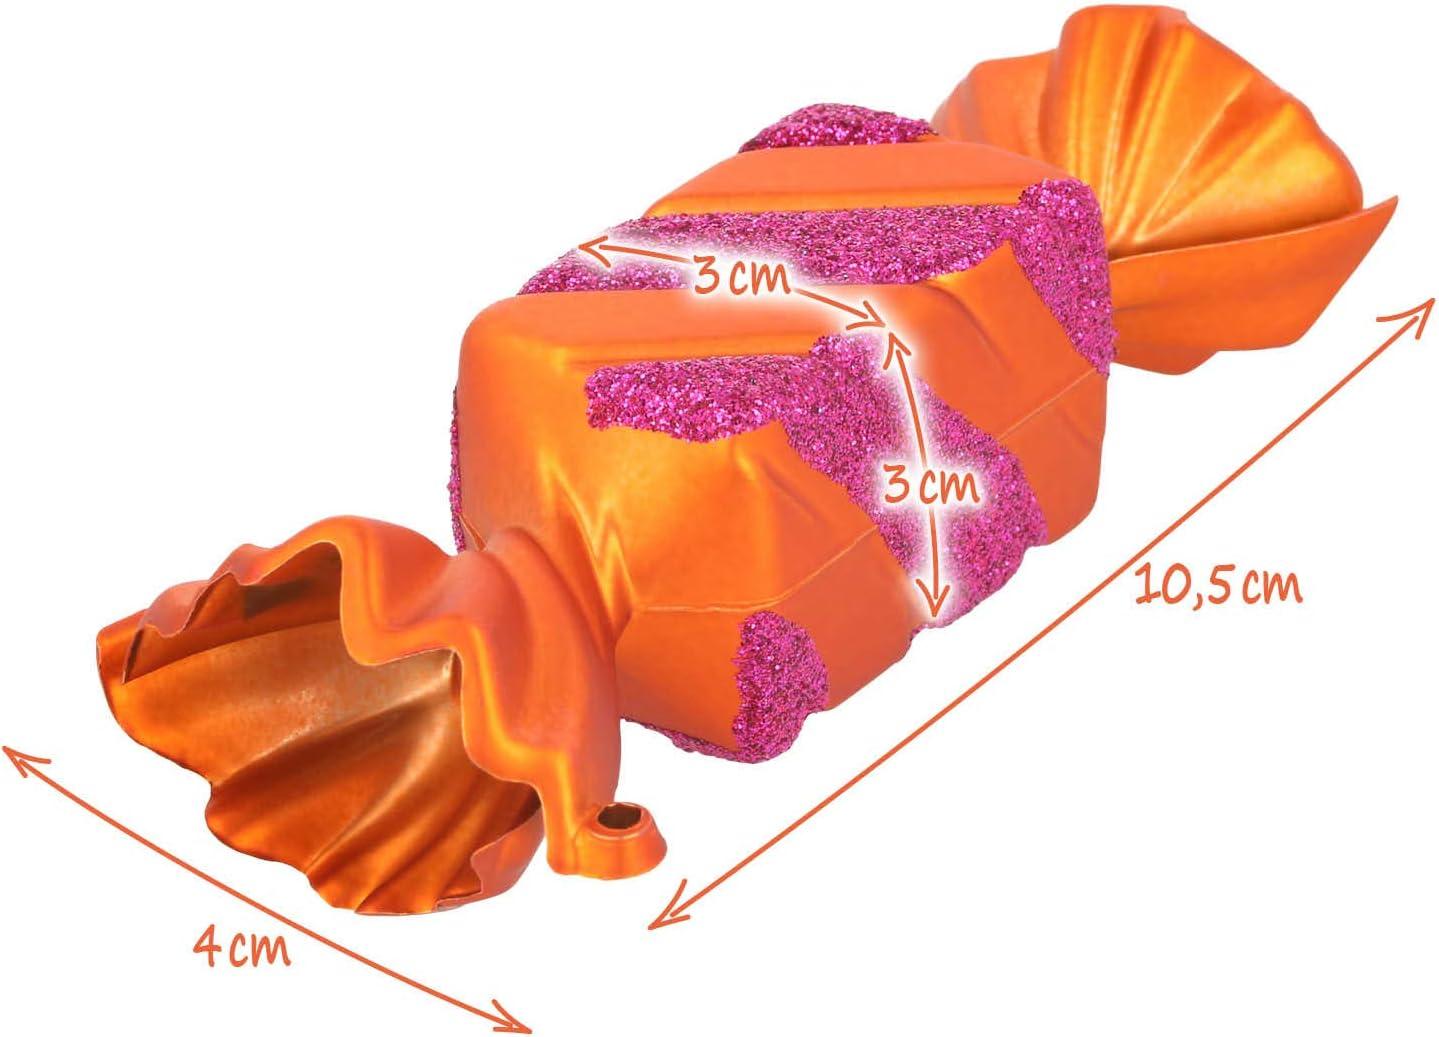 04 pi/èces - Cadeau incassable com-four/® Ensemble d/étiquettes darbre de No/ël 4X 4X Cadeaux en Argent Blanc D/écoration darbre de No/ël pour la d/écoration darbre de No/ël